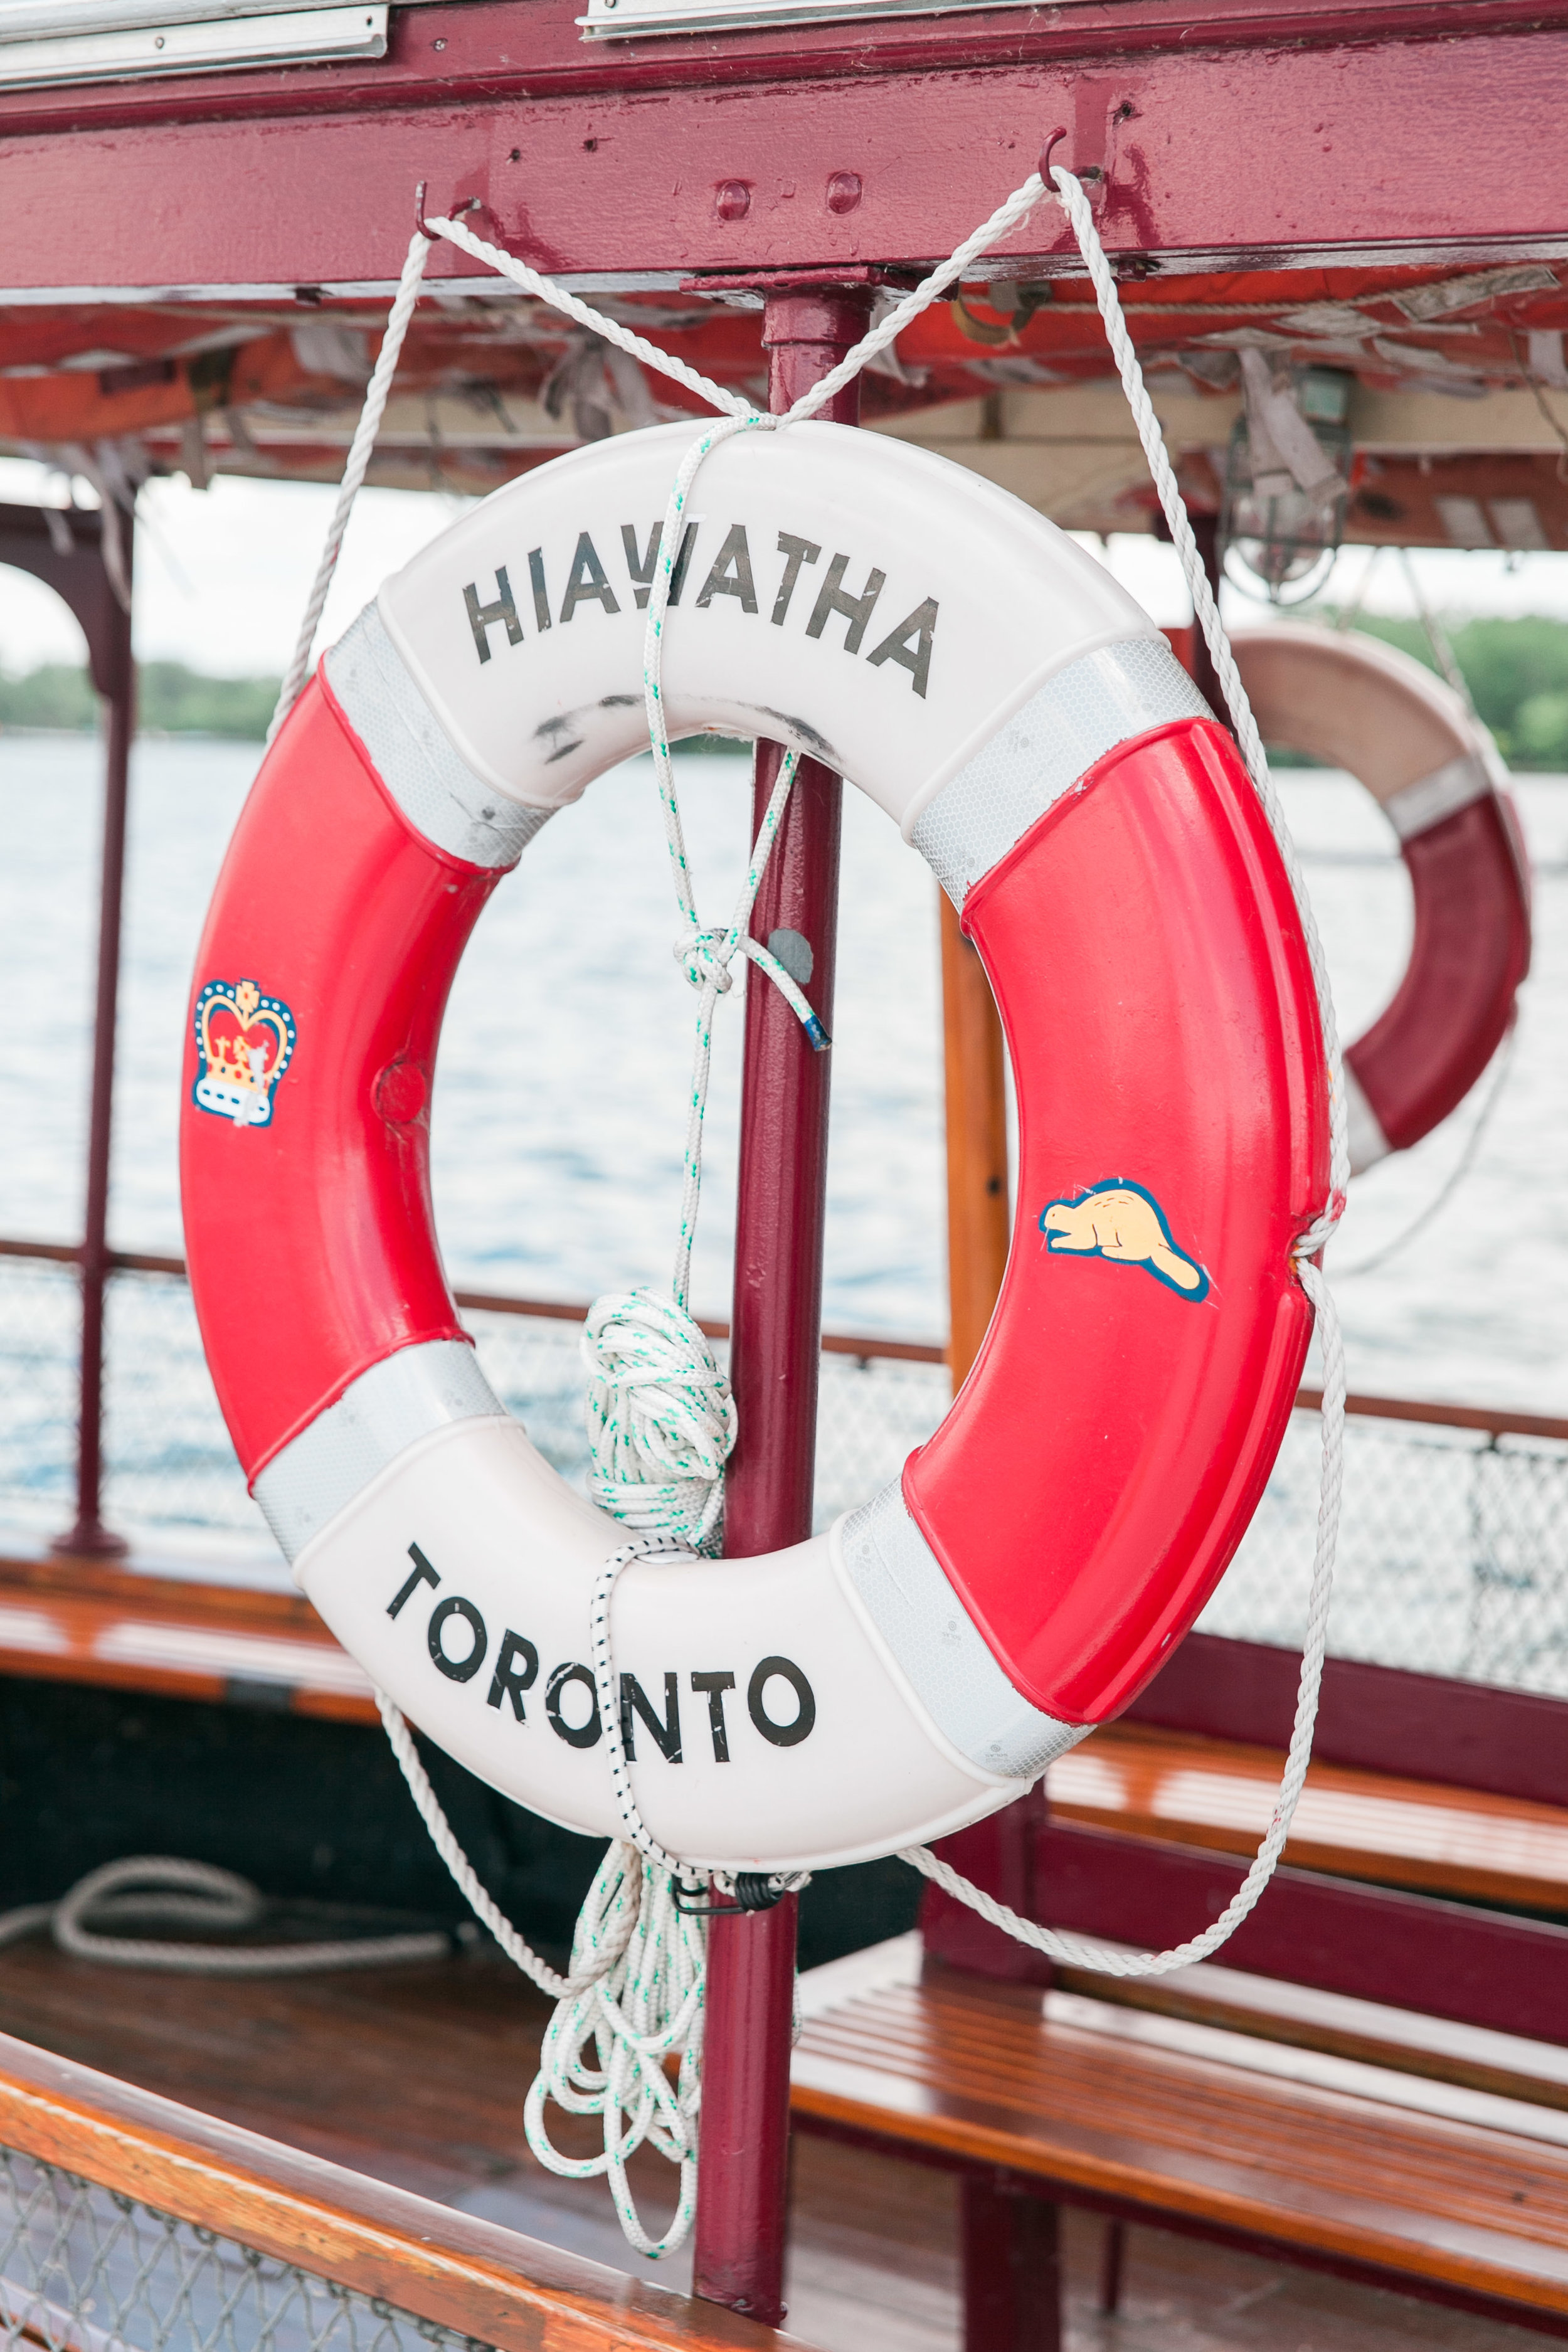 Toronto Island ferry life saver